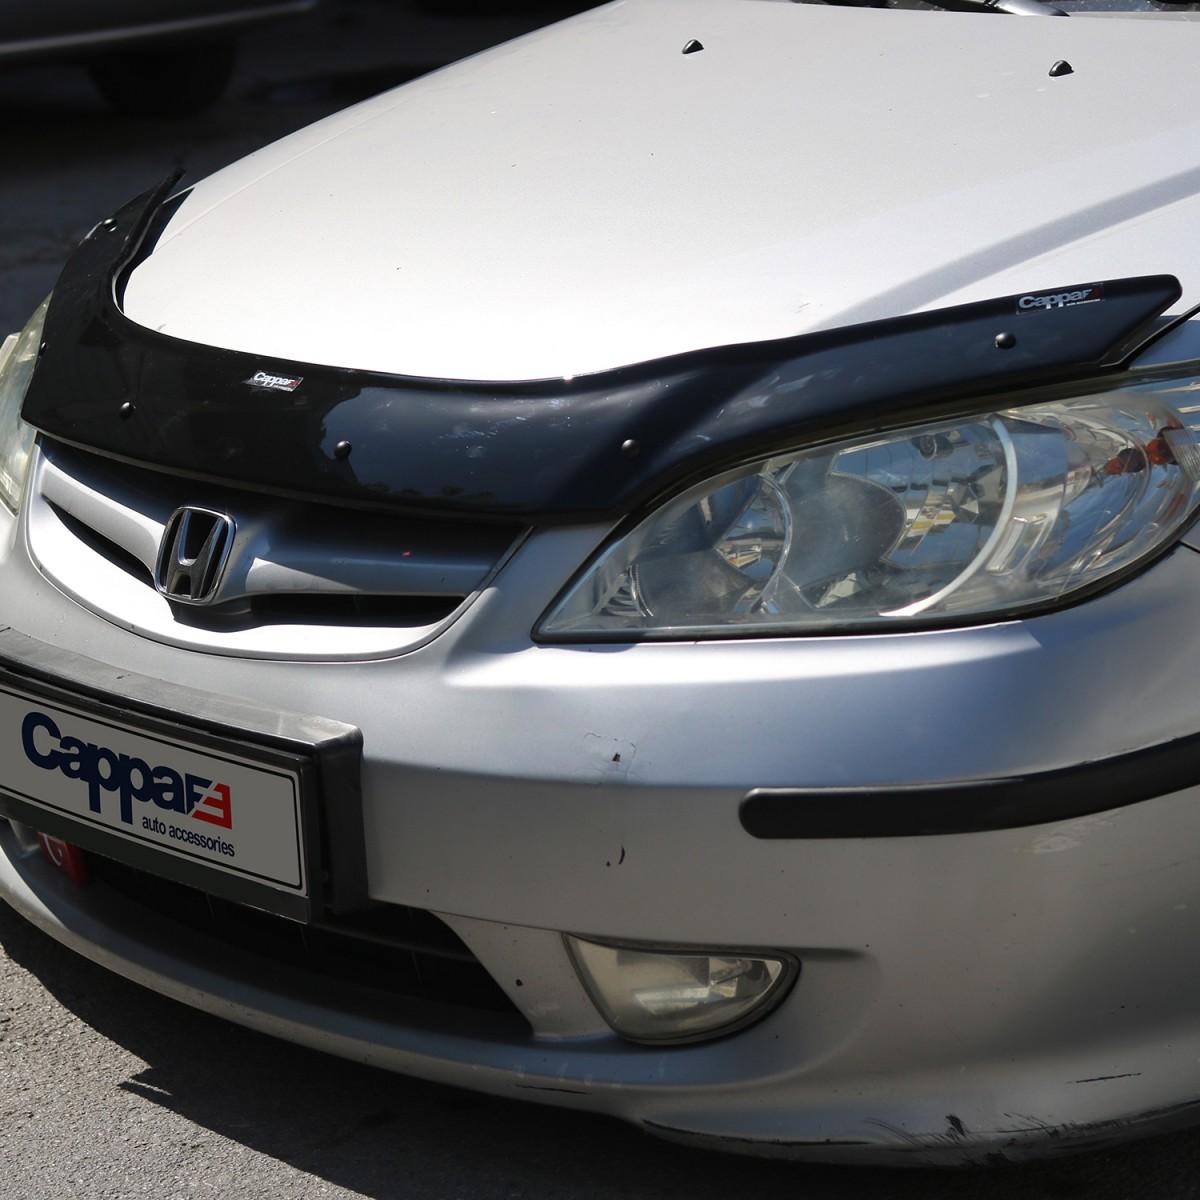 Honda Civic Ön Kaput Koruyucu Rüzgarlığı 2001-2006 Yılı Arası